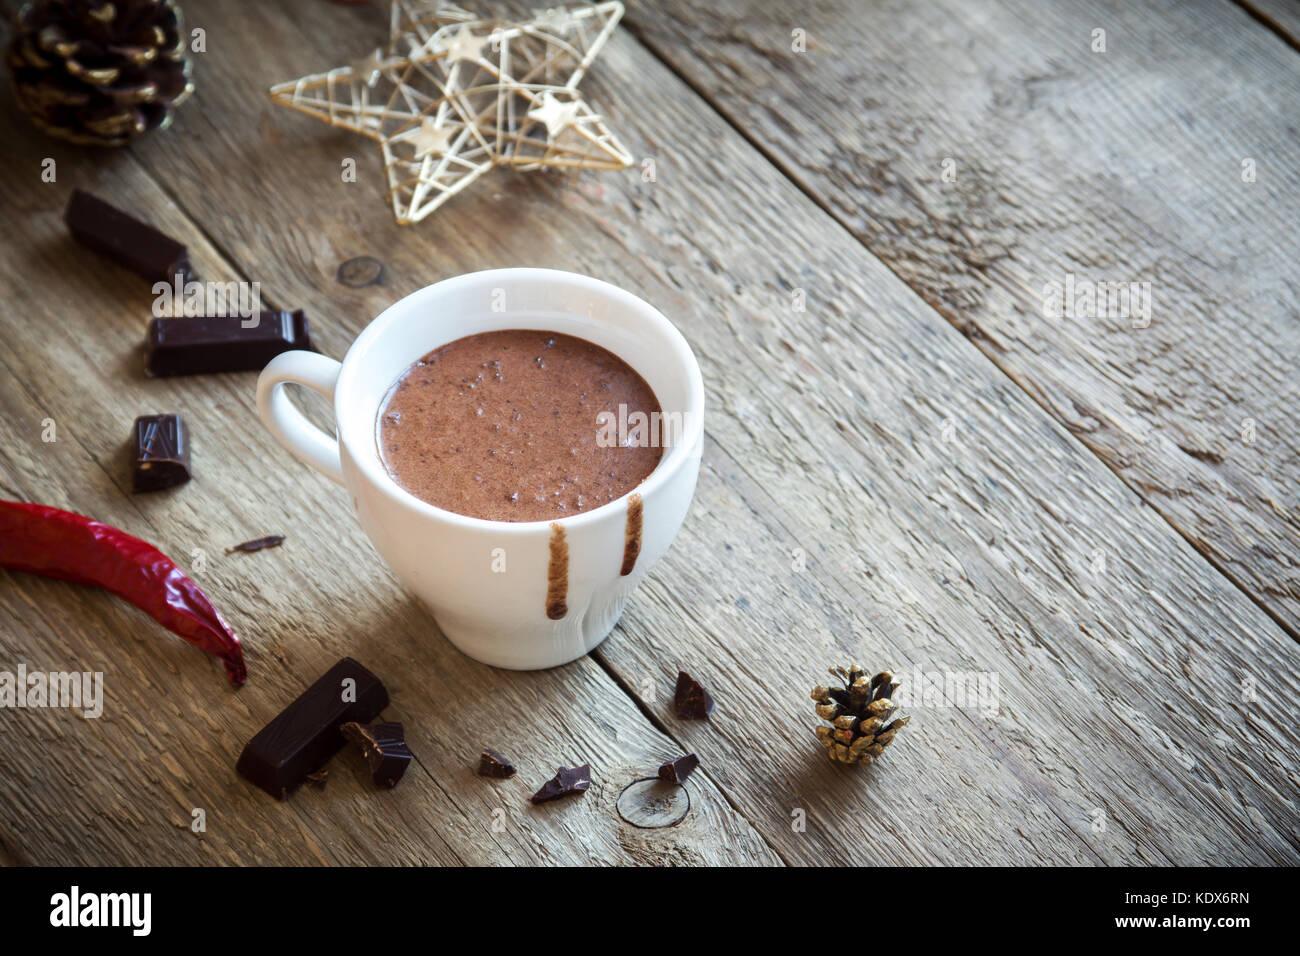 Heiße Schokolade mit Chili und Schokolade Stücke über rustikal Hintergrund. hausgemachte heiße Stockbild